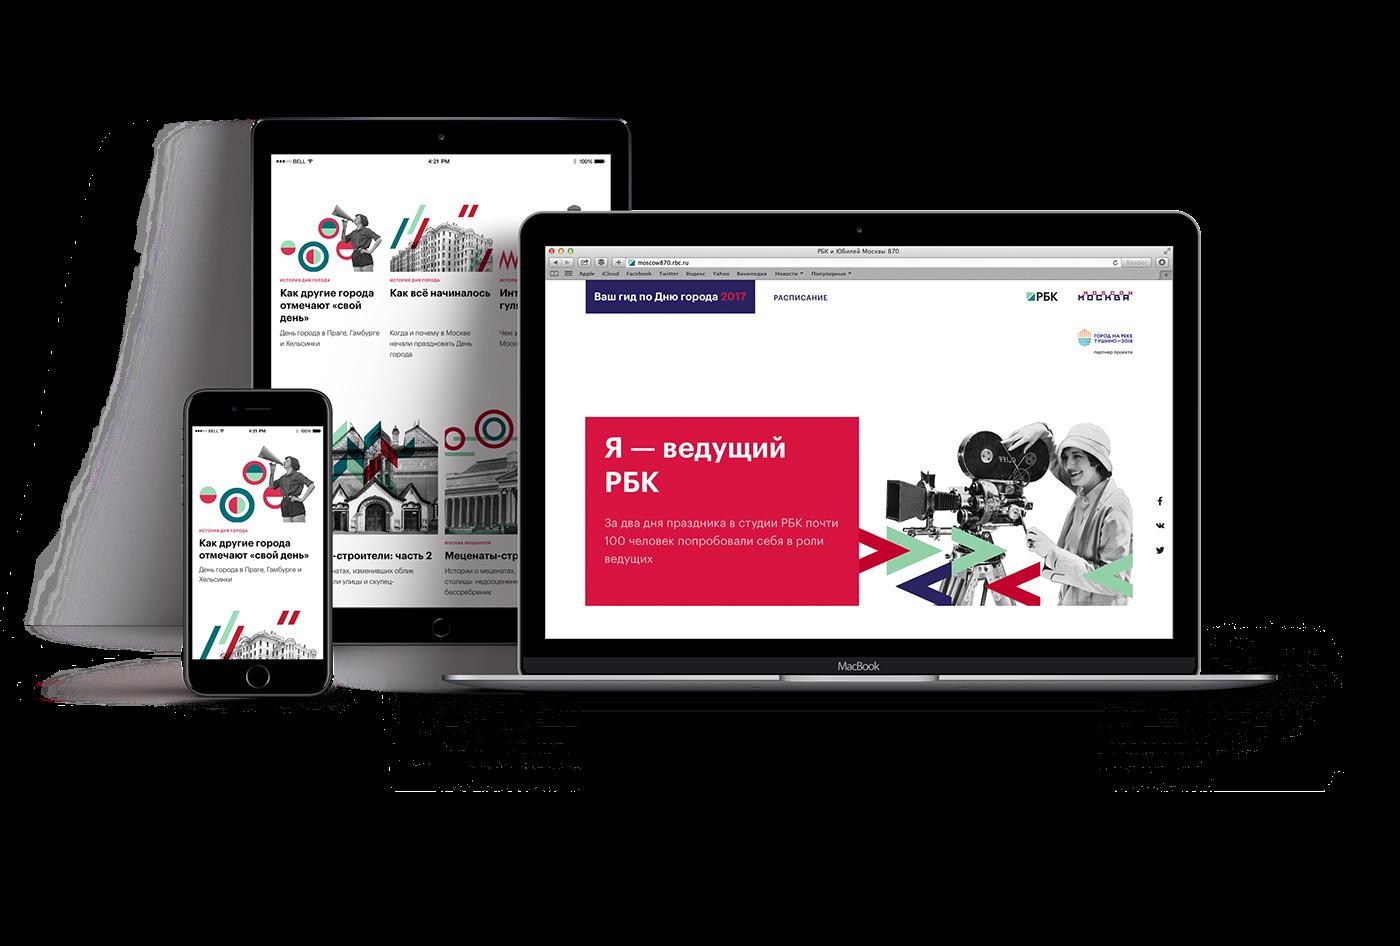 Рбк создание сайта продвижение сайта и компании советы